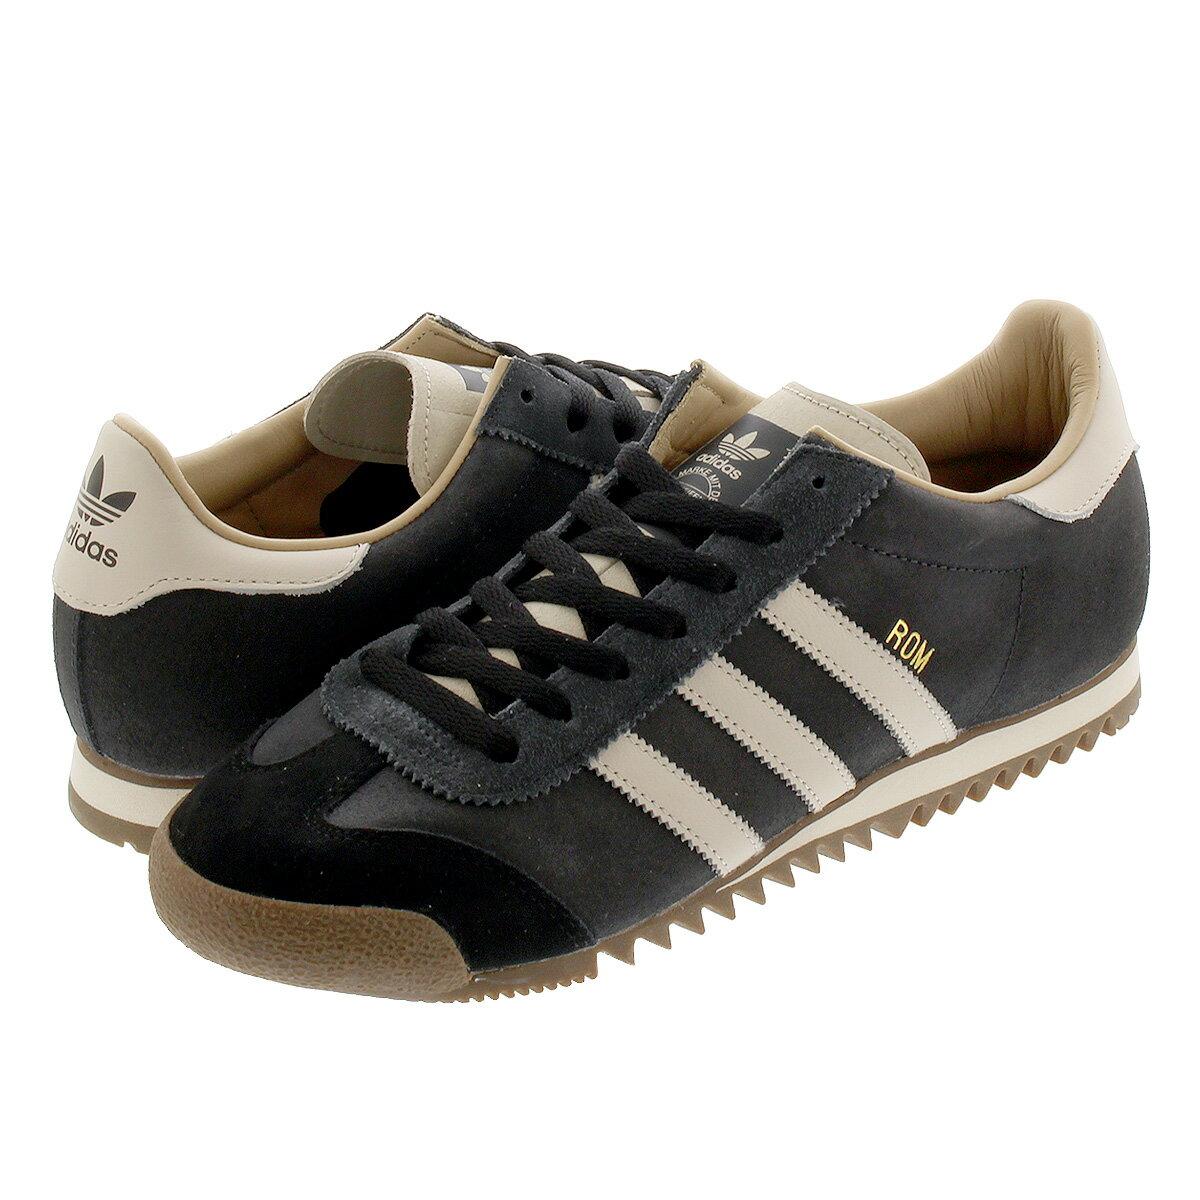 メンズ靴, スニーカー adidas ROM CARBONCLEAR BROWNCORE BLACK ee5746